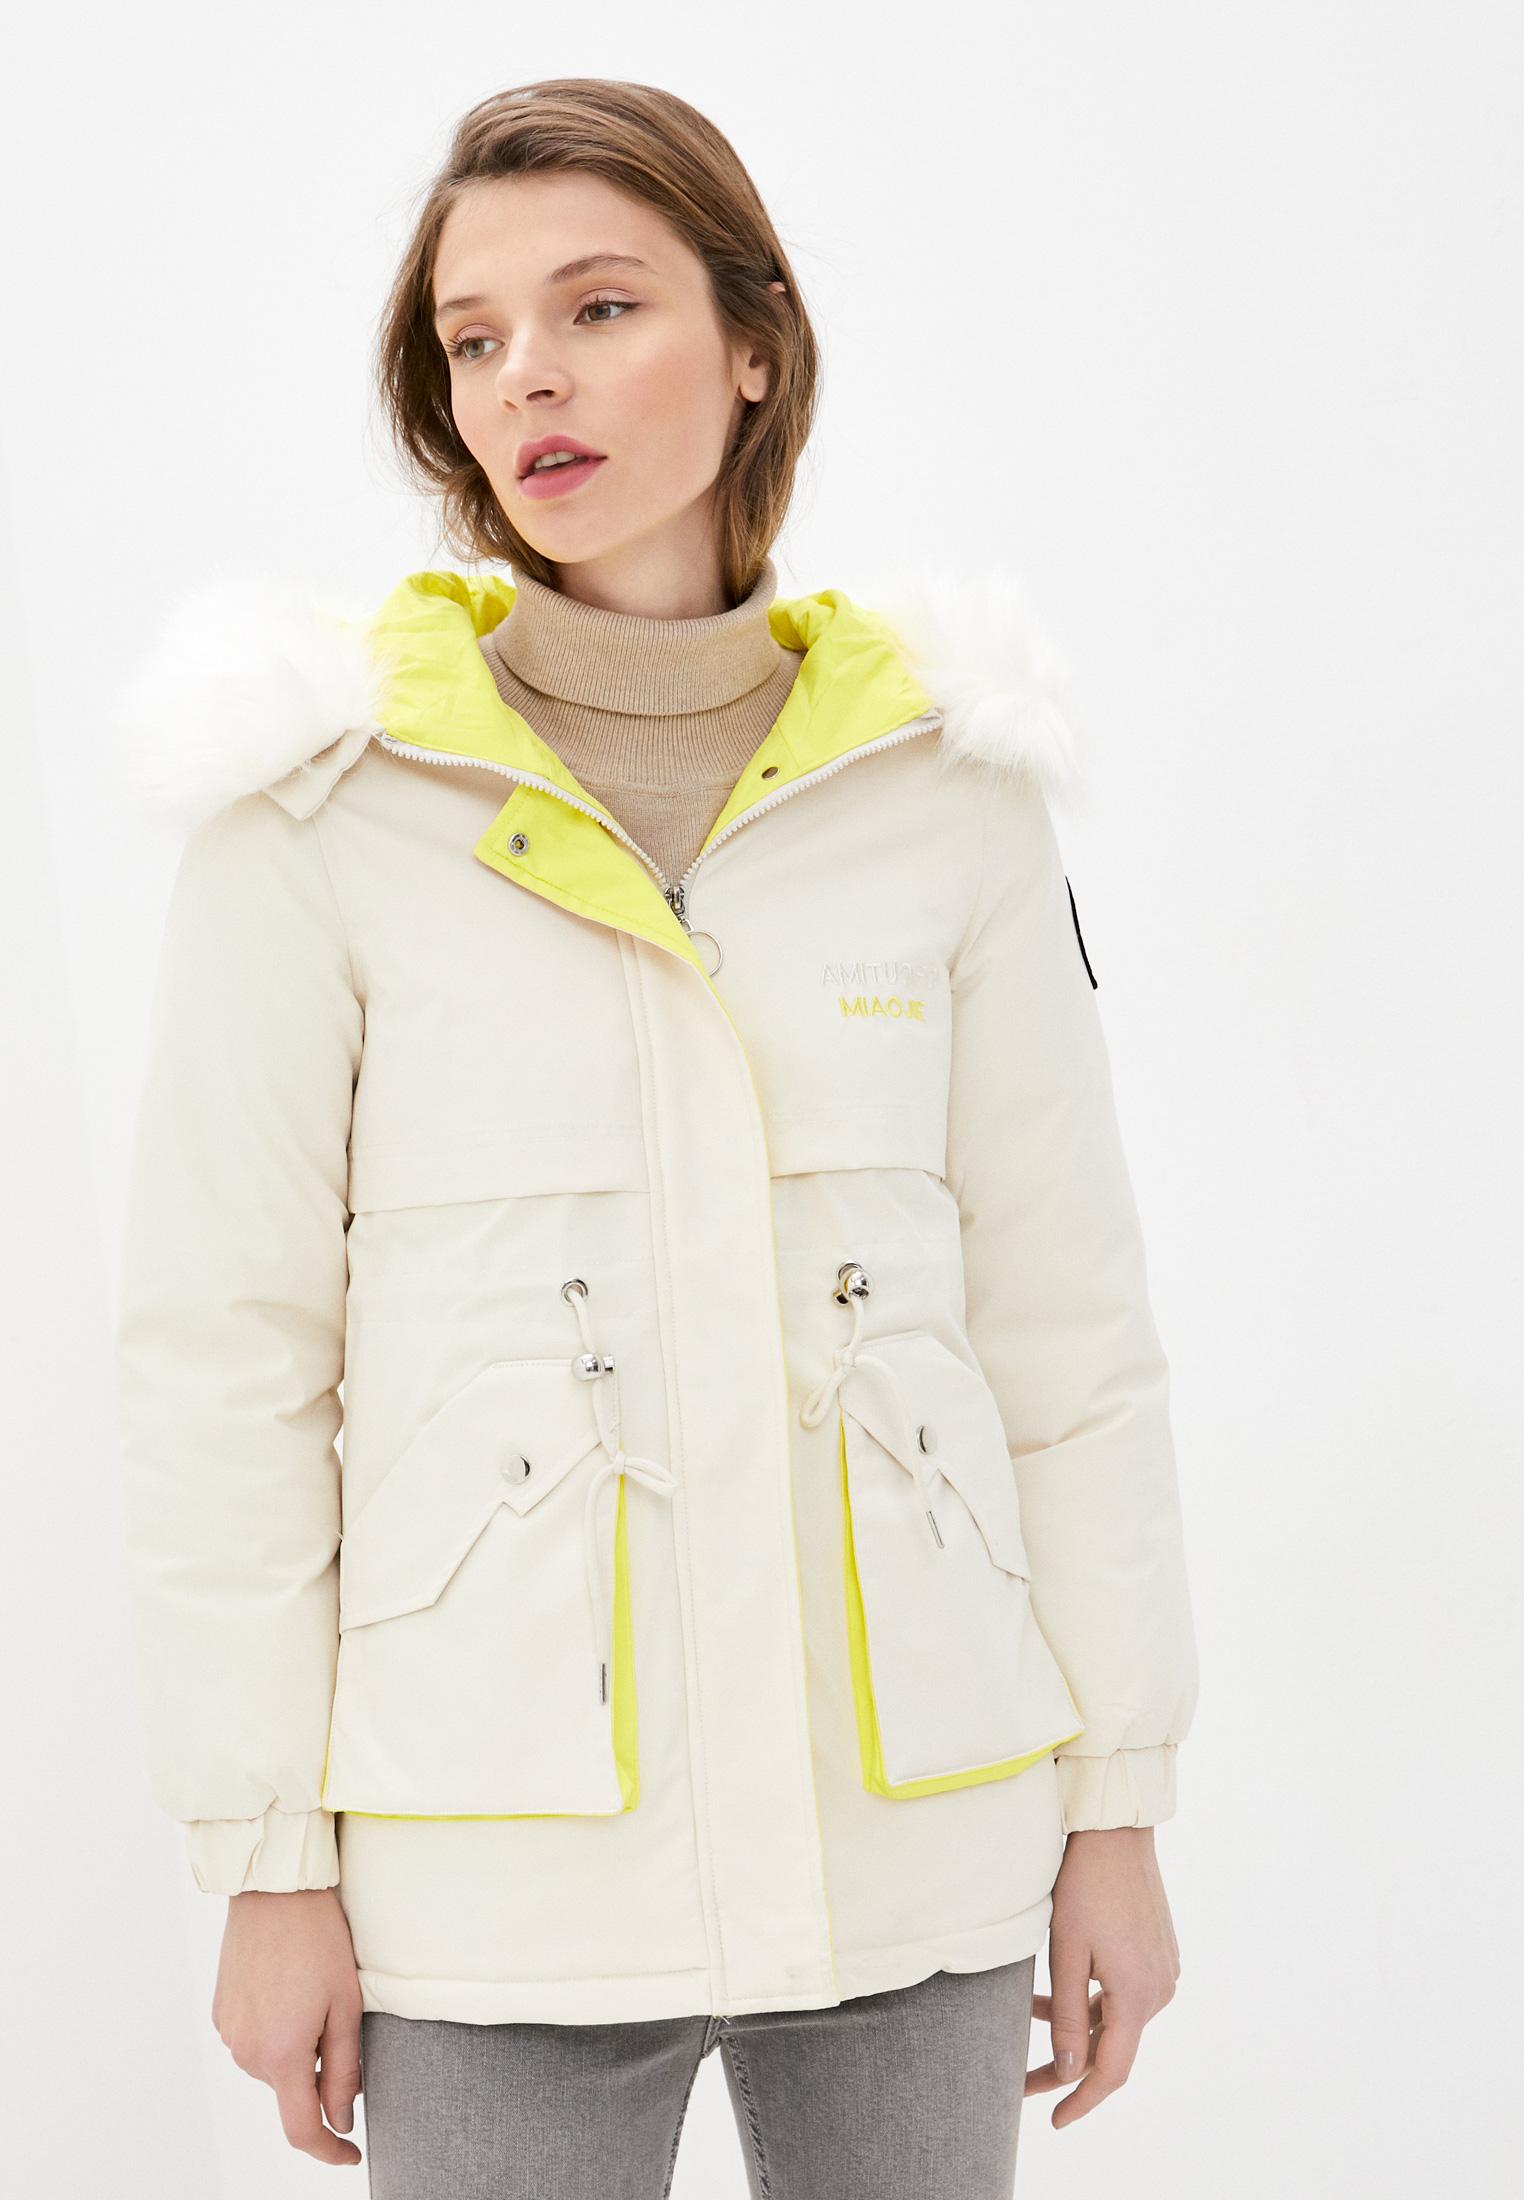 Утепленная куртка Miss Gabby 822